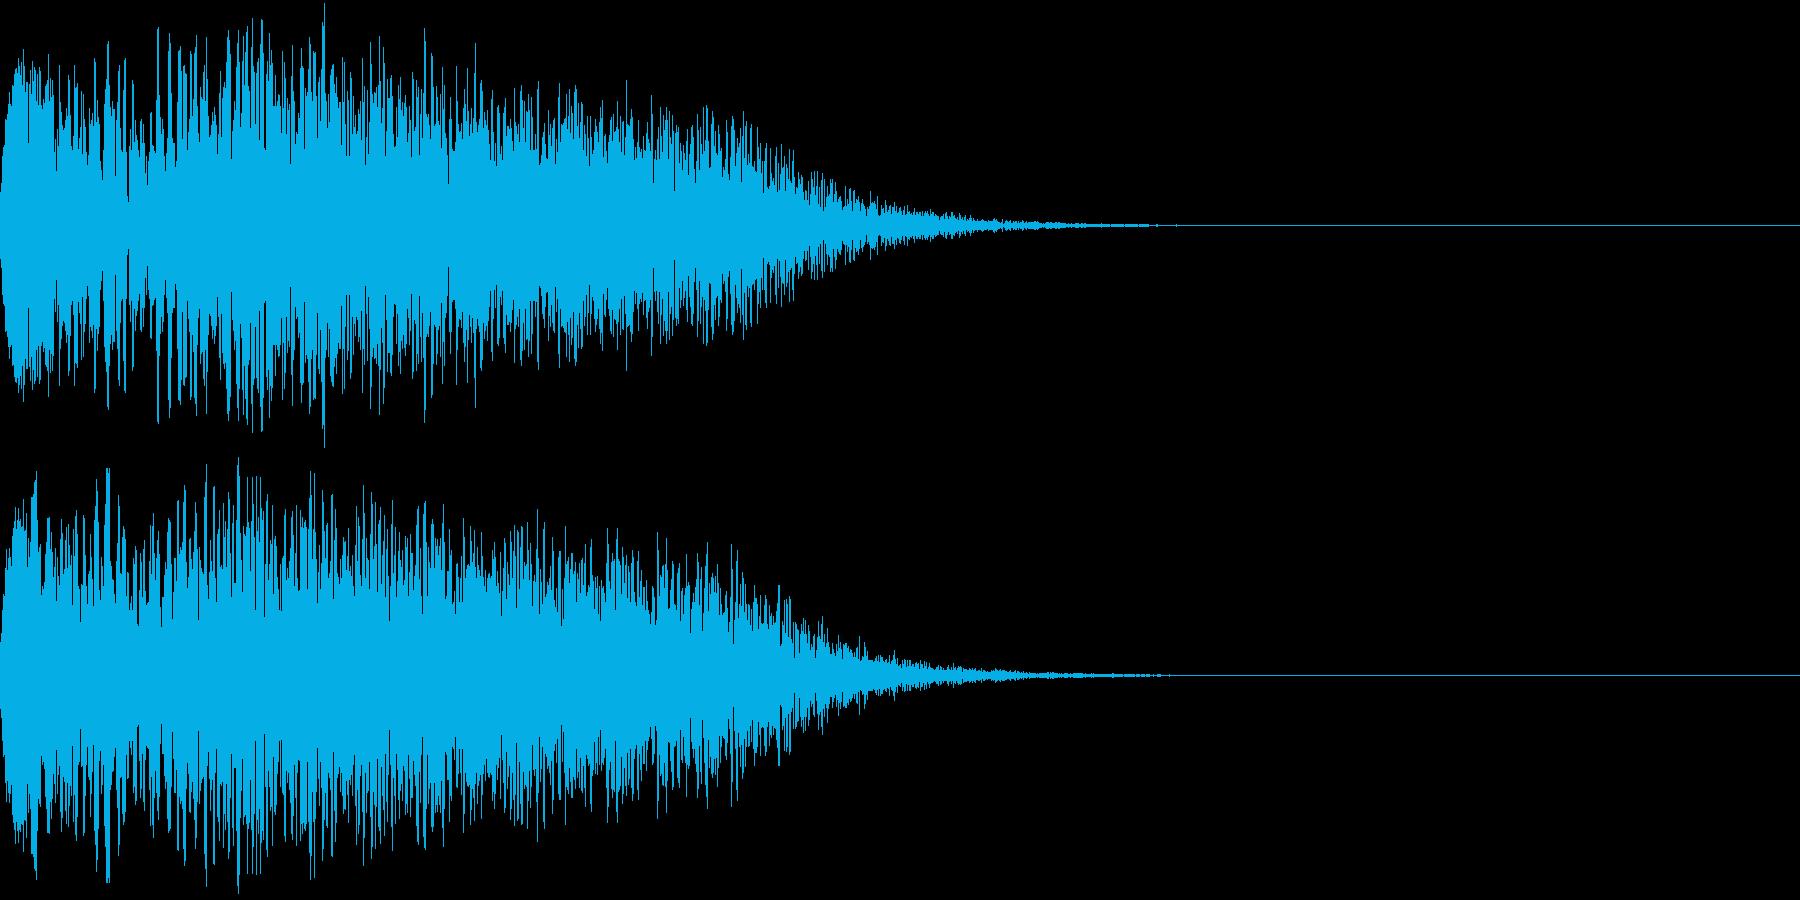 キュイン 光 ピカーン フラッシュ 16の再生済みの波形